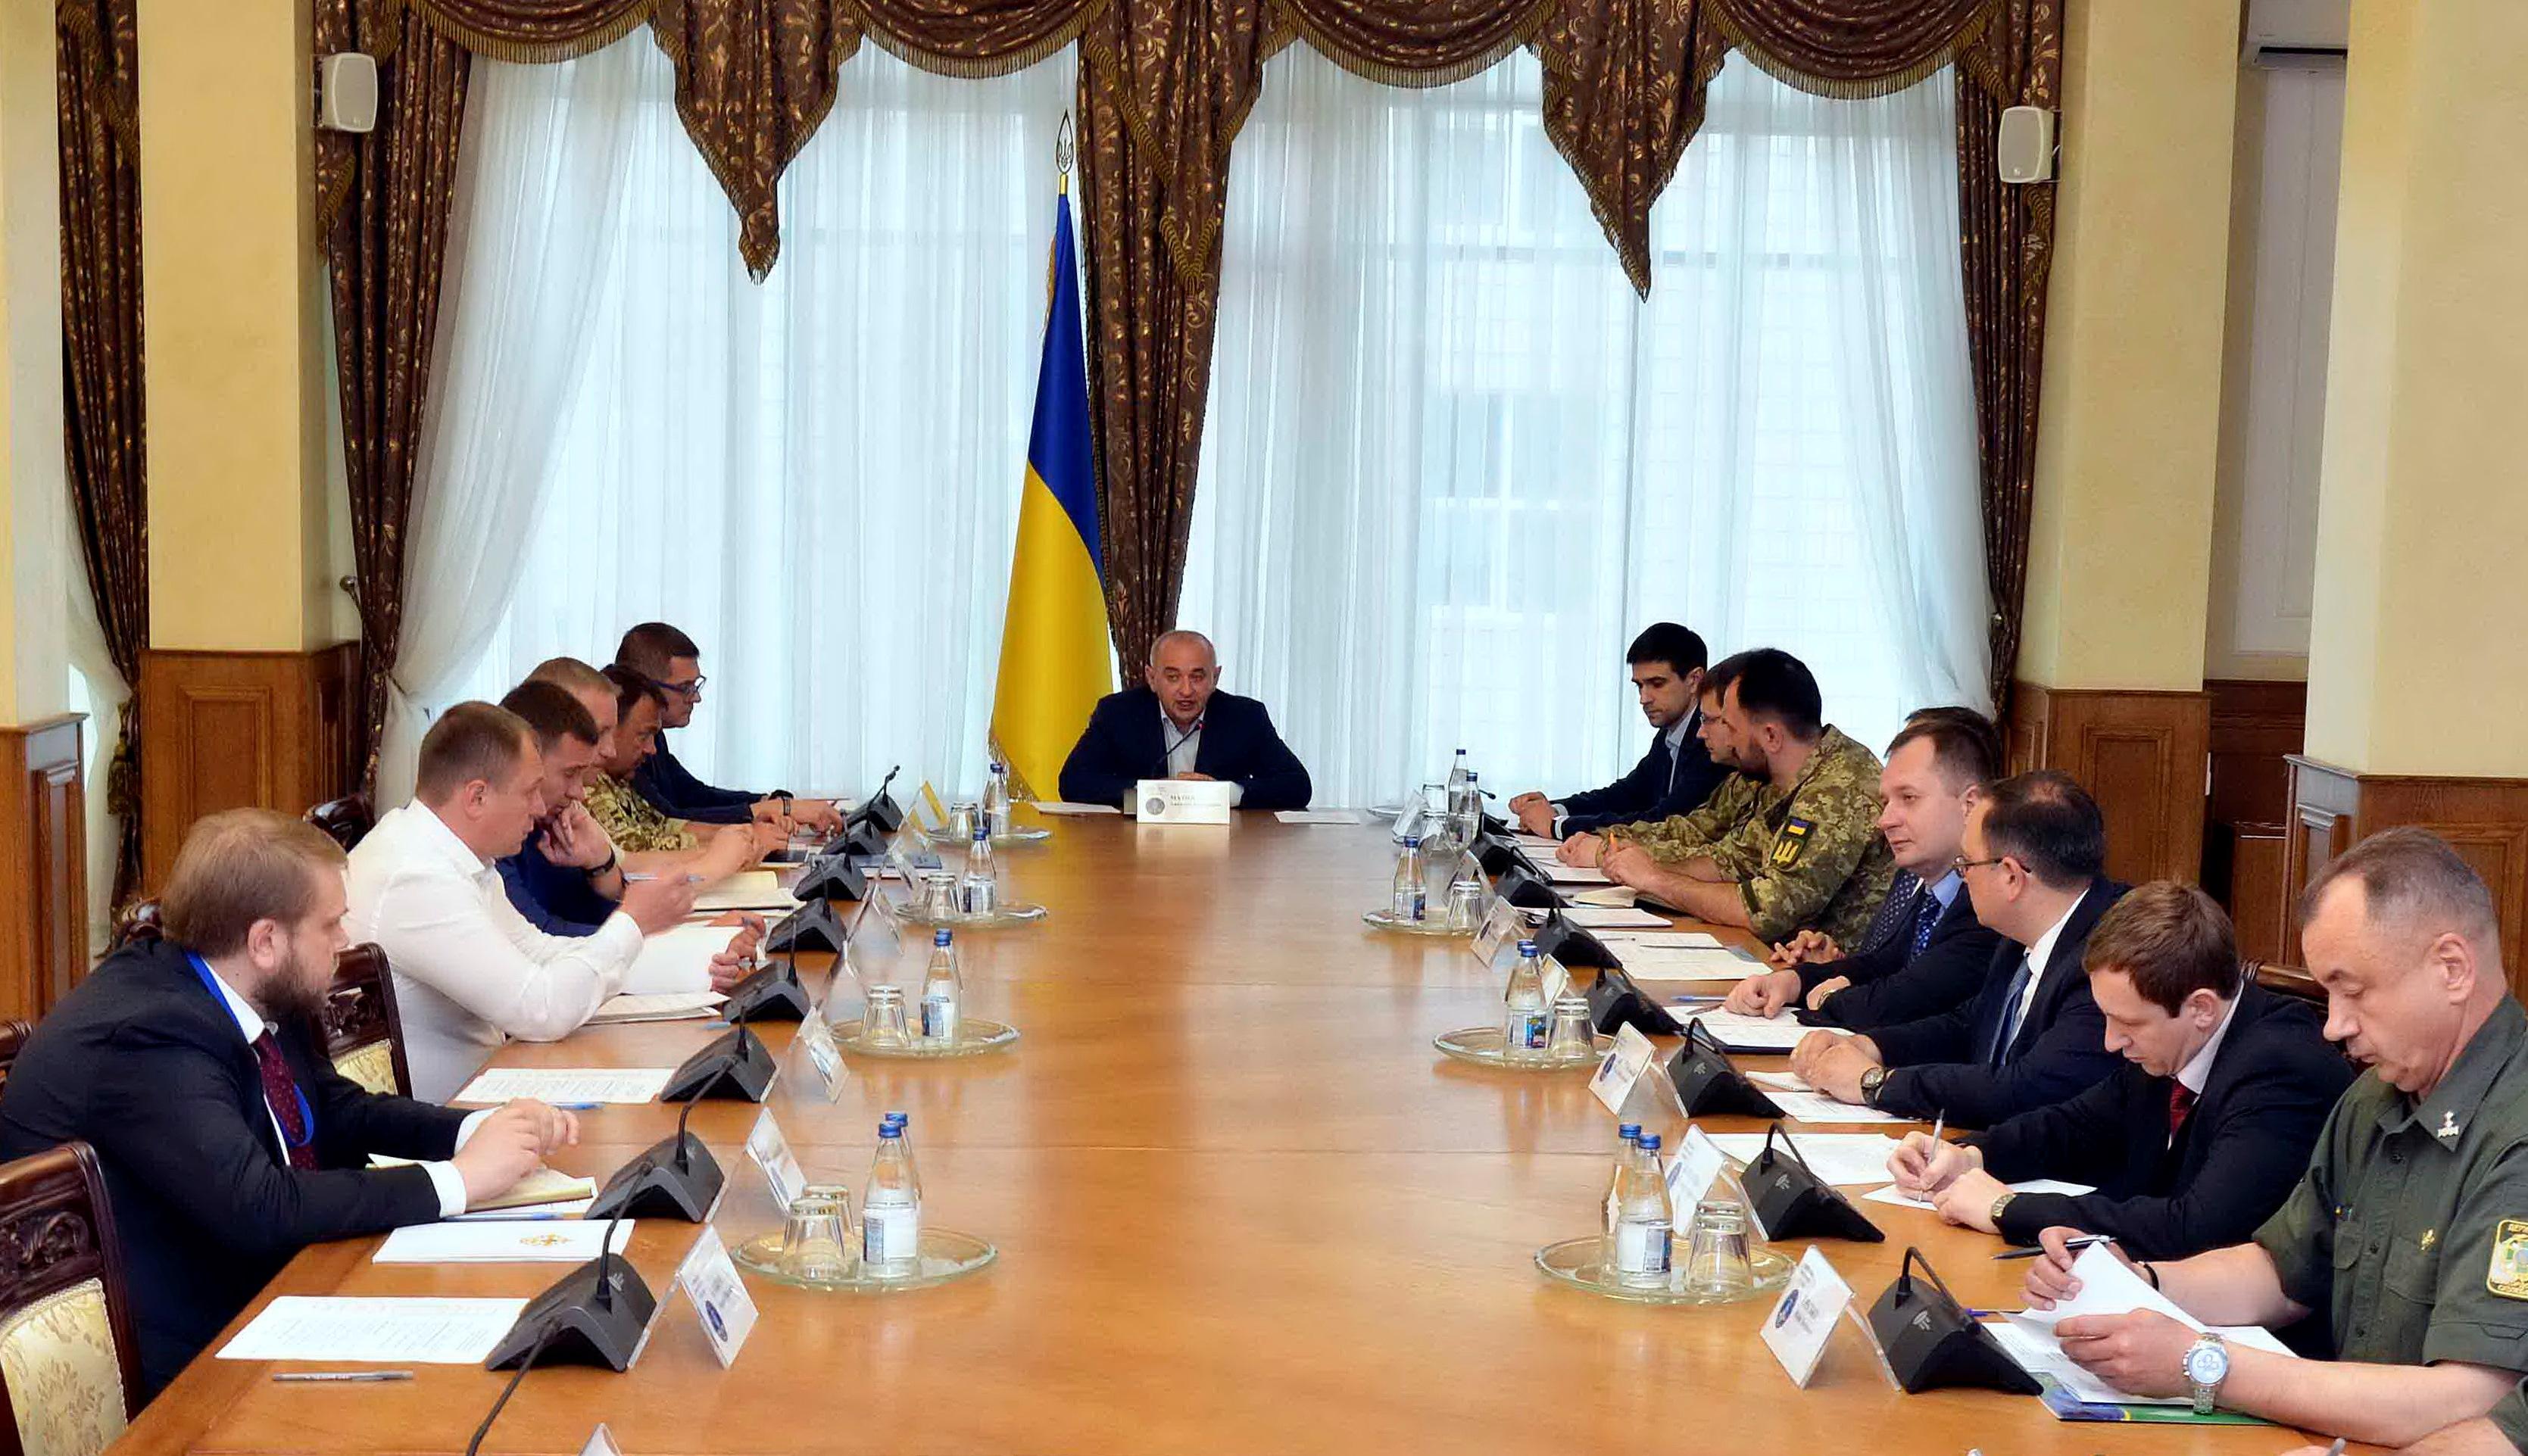 ГПУ открыла дело из-за видео об оккупации Румынией части Украины